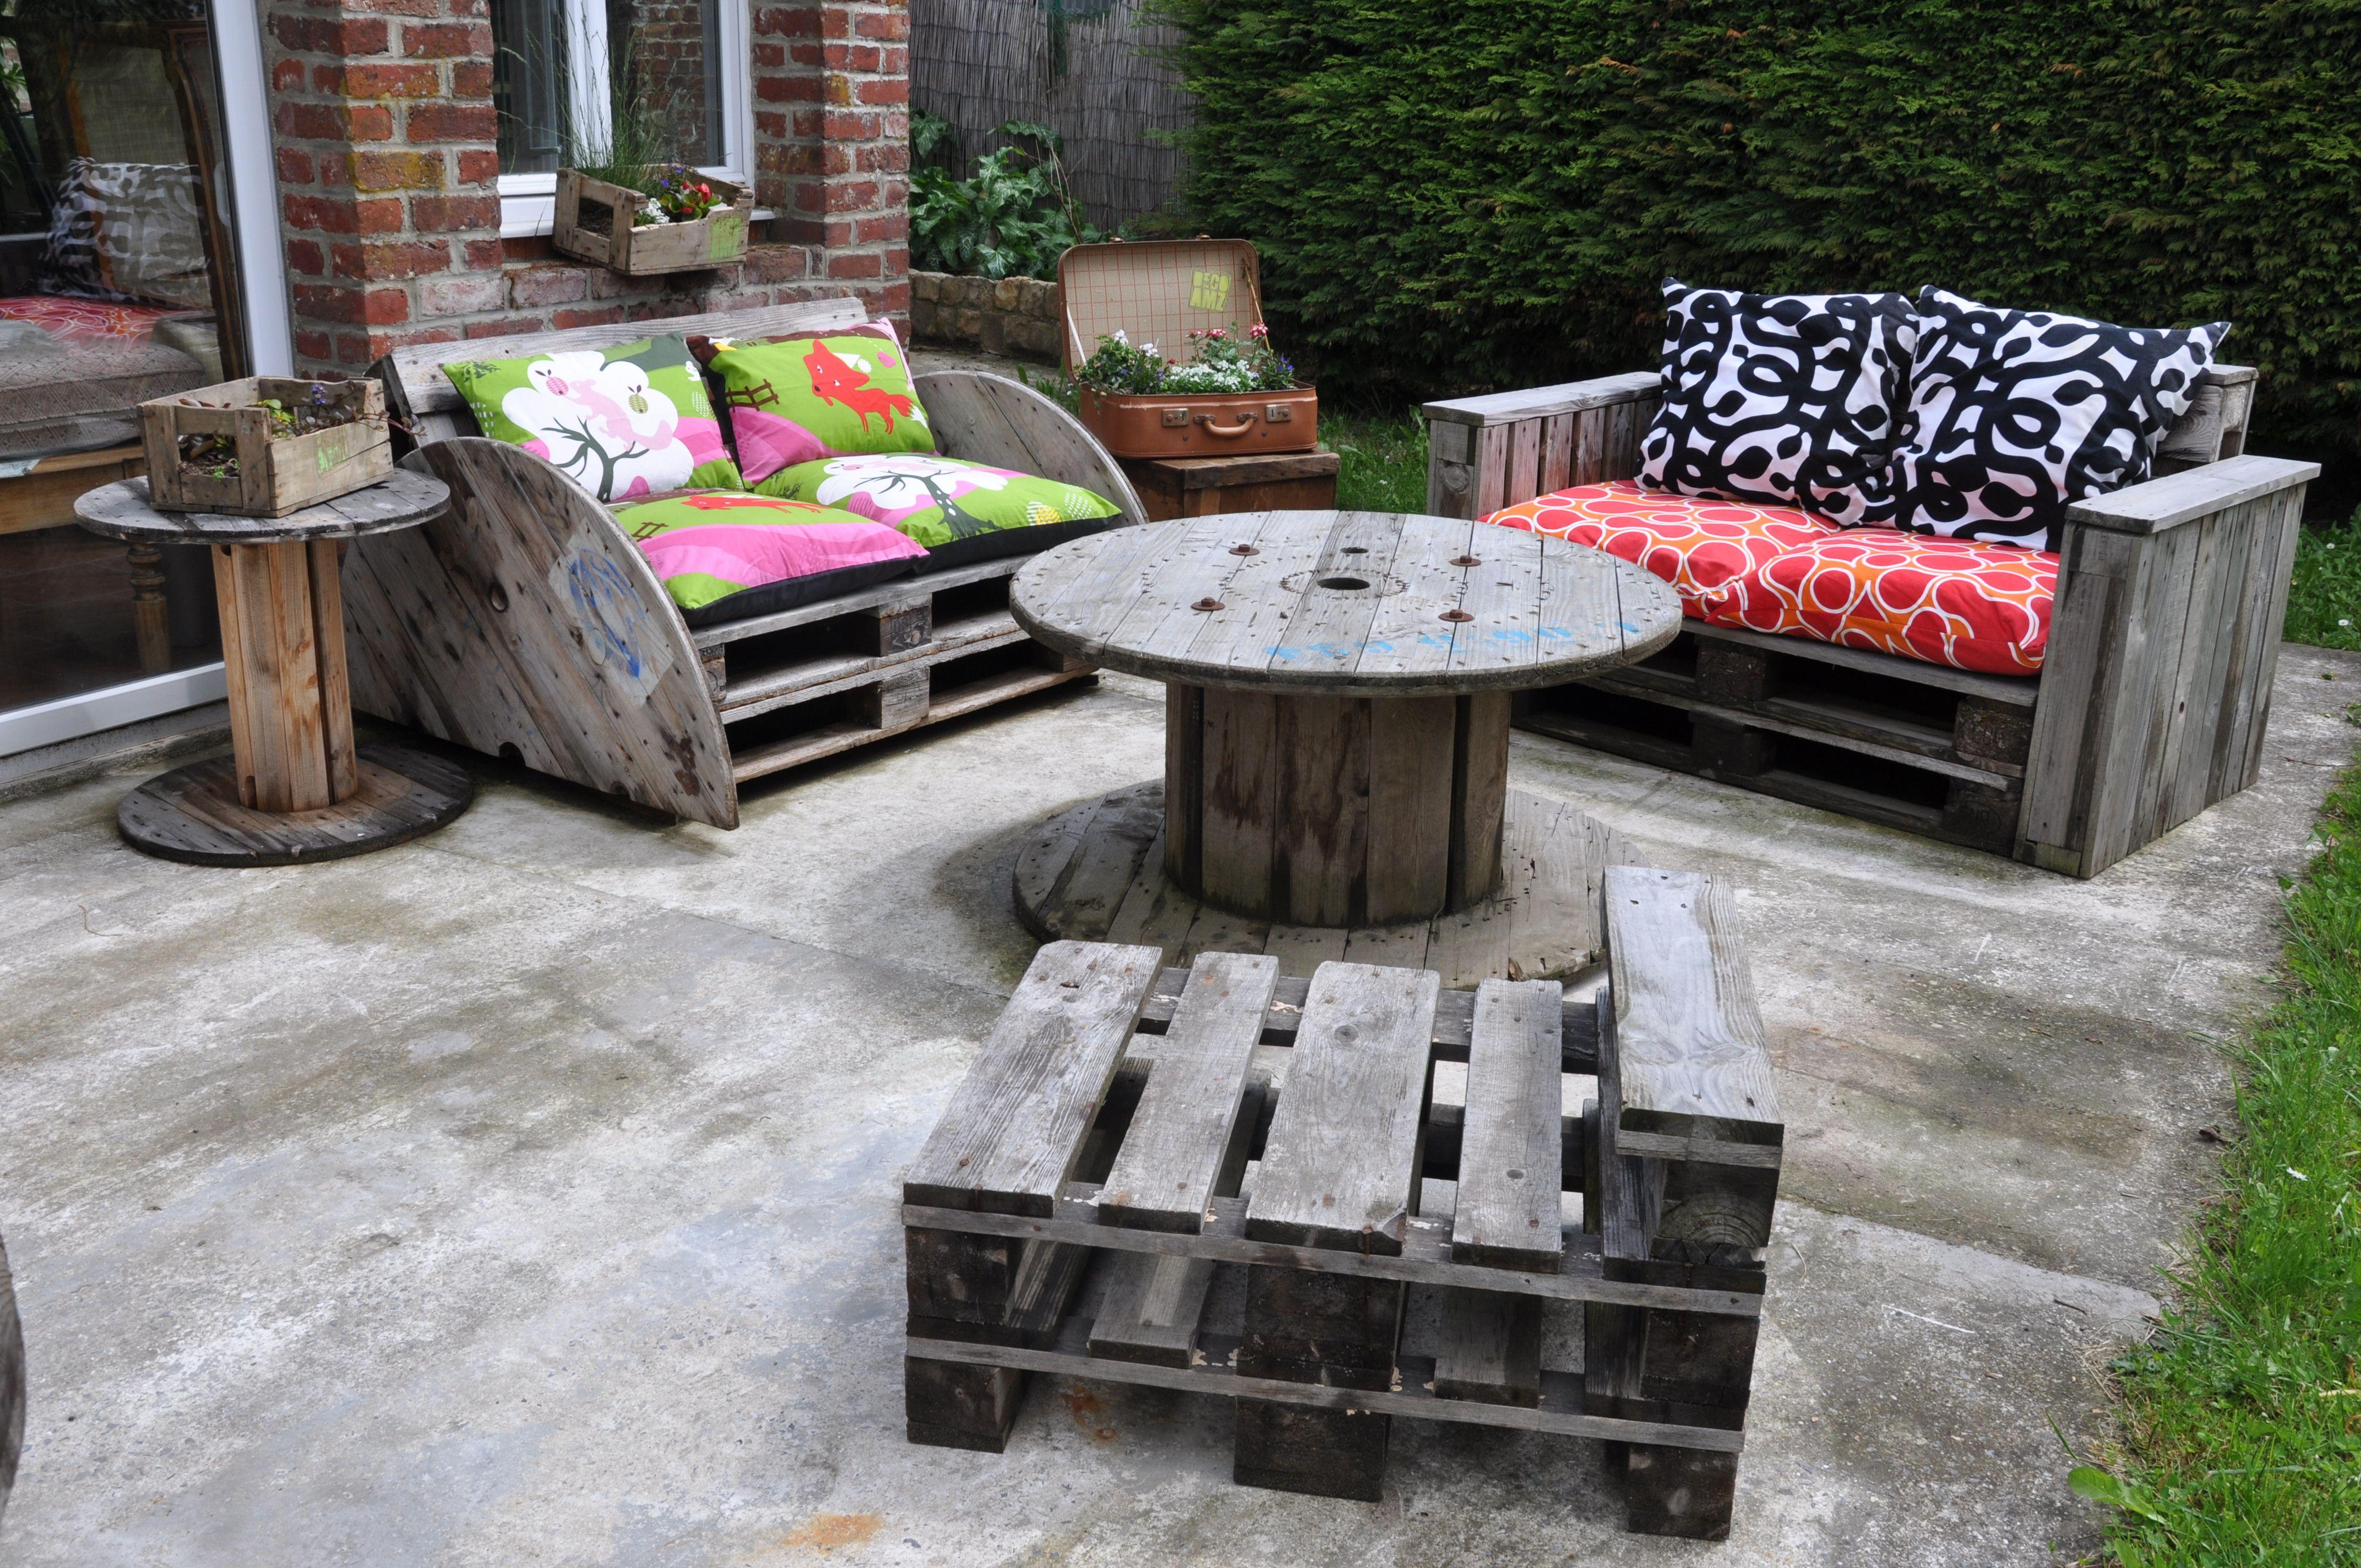 Лучшие идеи использования деревянных поддонов и паллет на даче